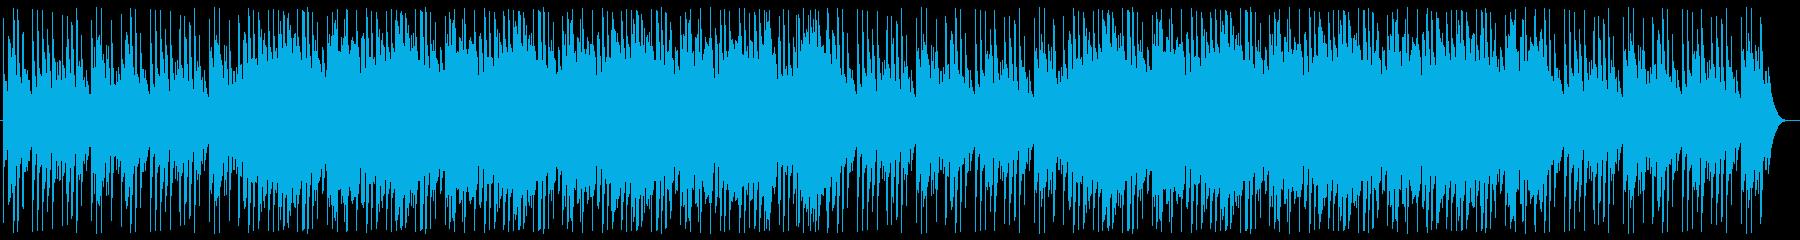 明るくミステリアスな鉄琴シンセサウンドの再生済みの波形